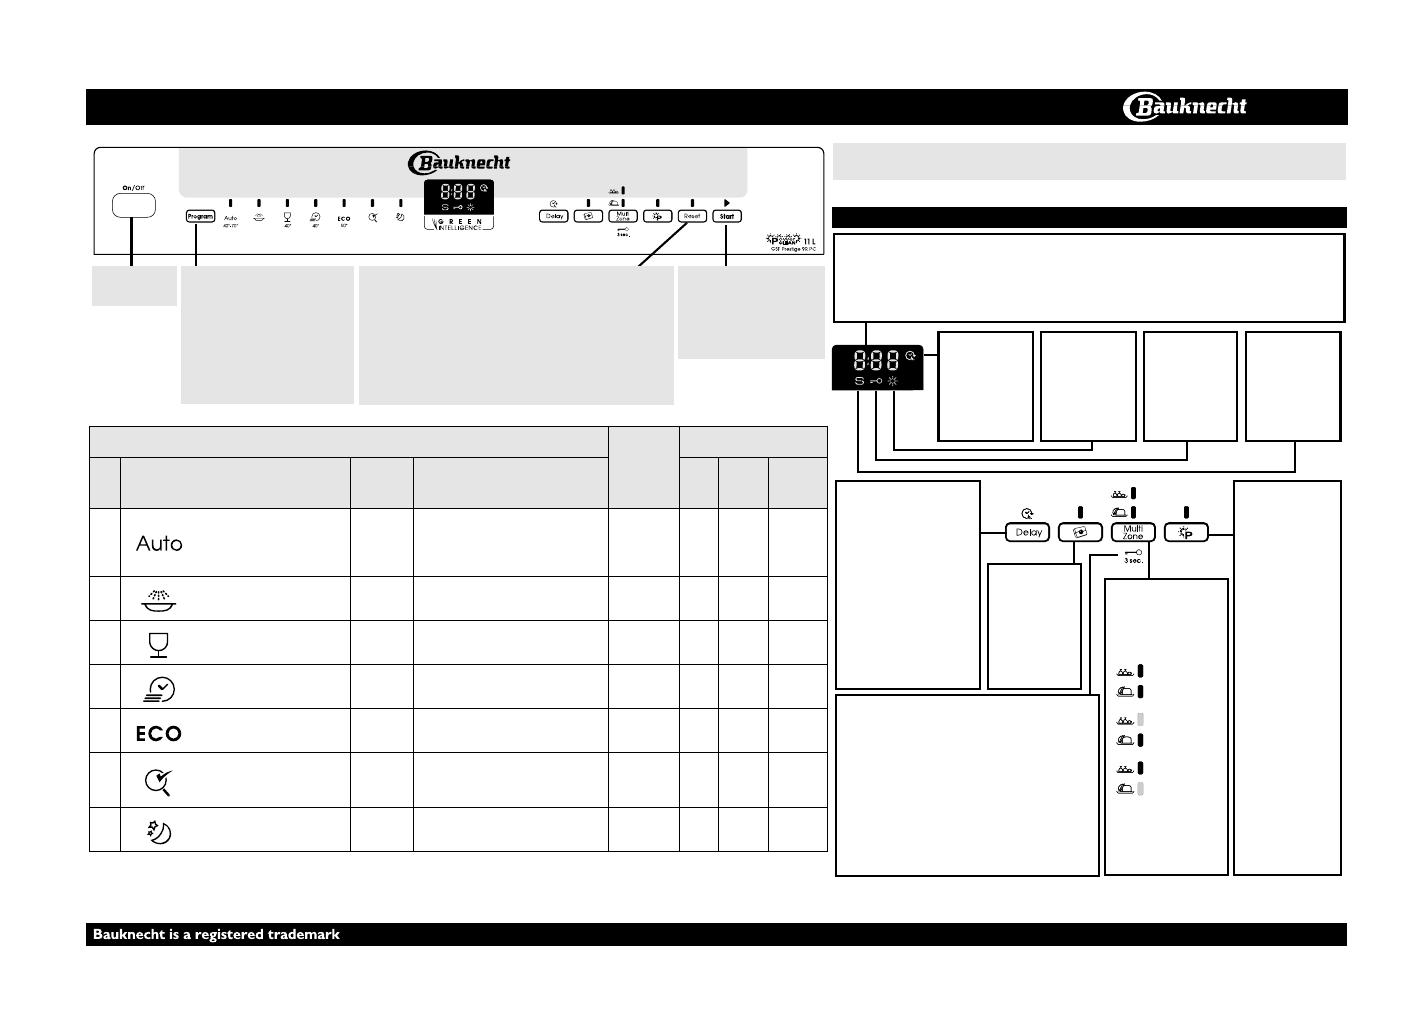 bedienungsanleitung bauknecht gsf prestige 9r pc (seite 1  ~ Geschirrspülmaschine Bauknecht